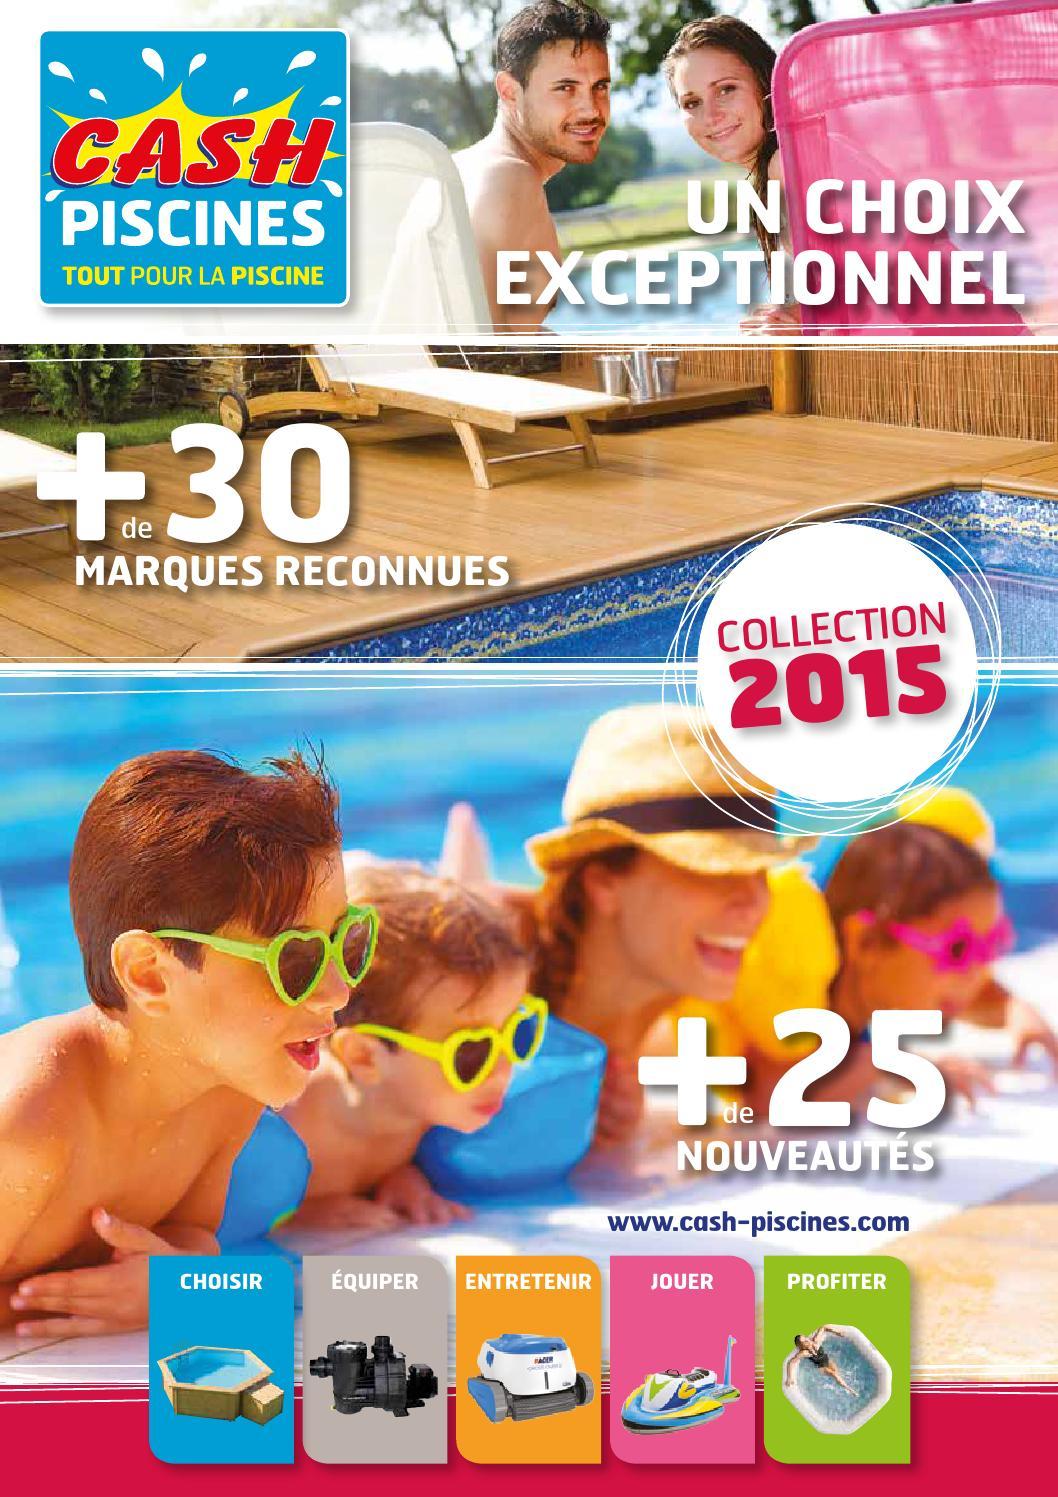 Catalogue Cash Piscines 2015 By Octave Octave - Issuu dedans Cash Piscine Toulon